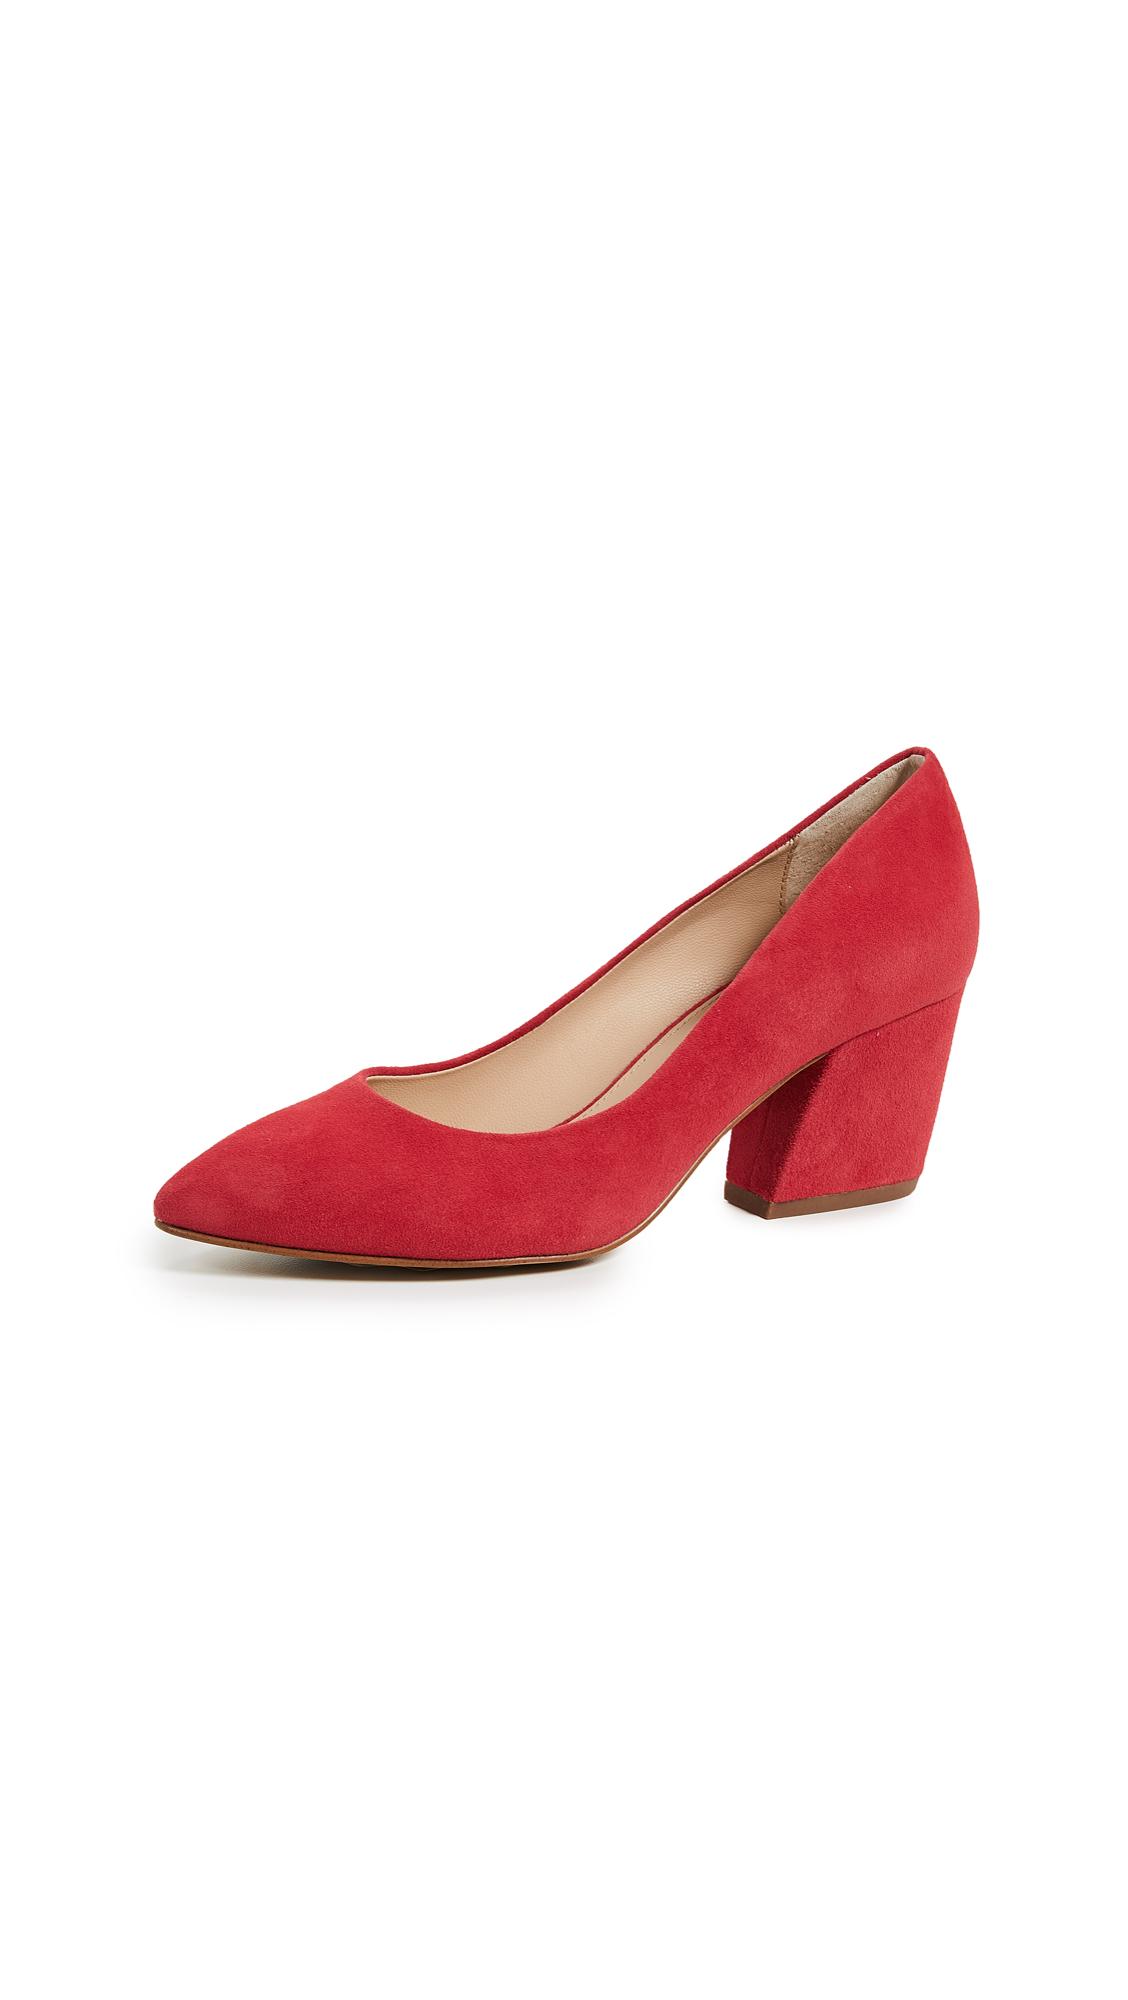 Botkier Stella Block Heel Pumps - Red Carpet